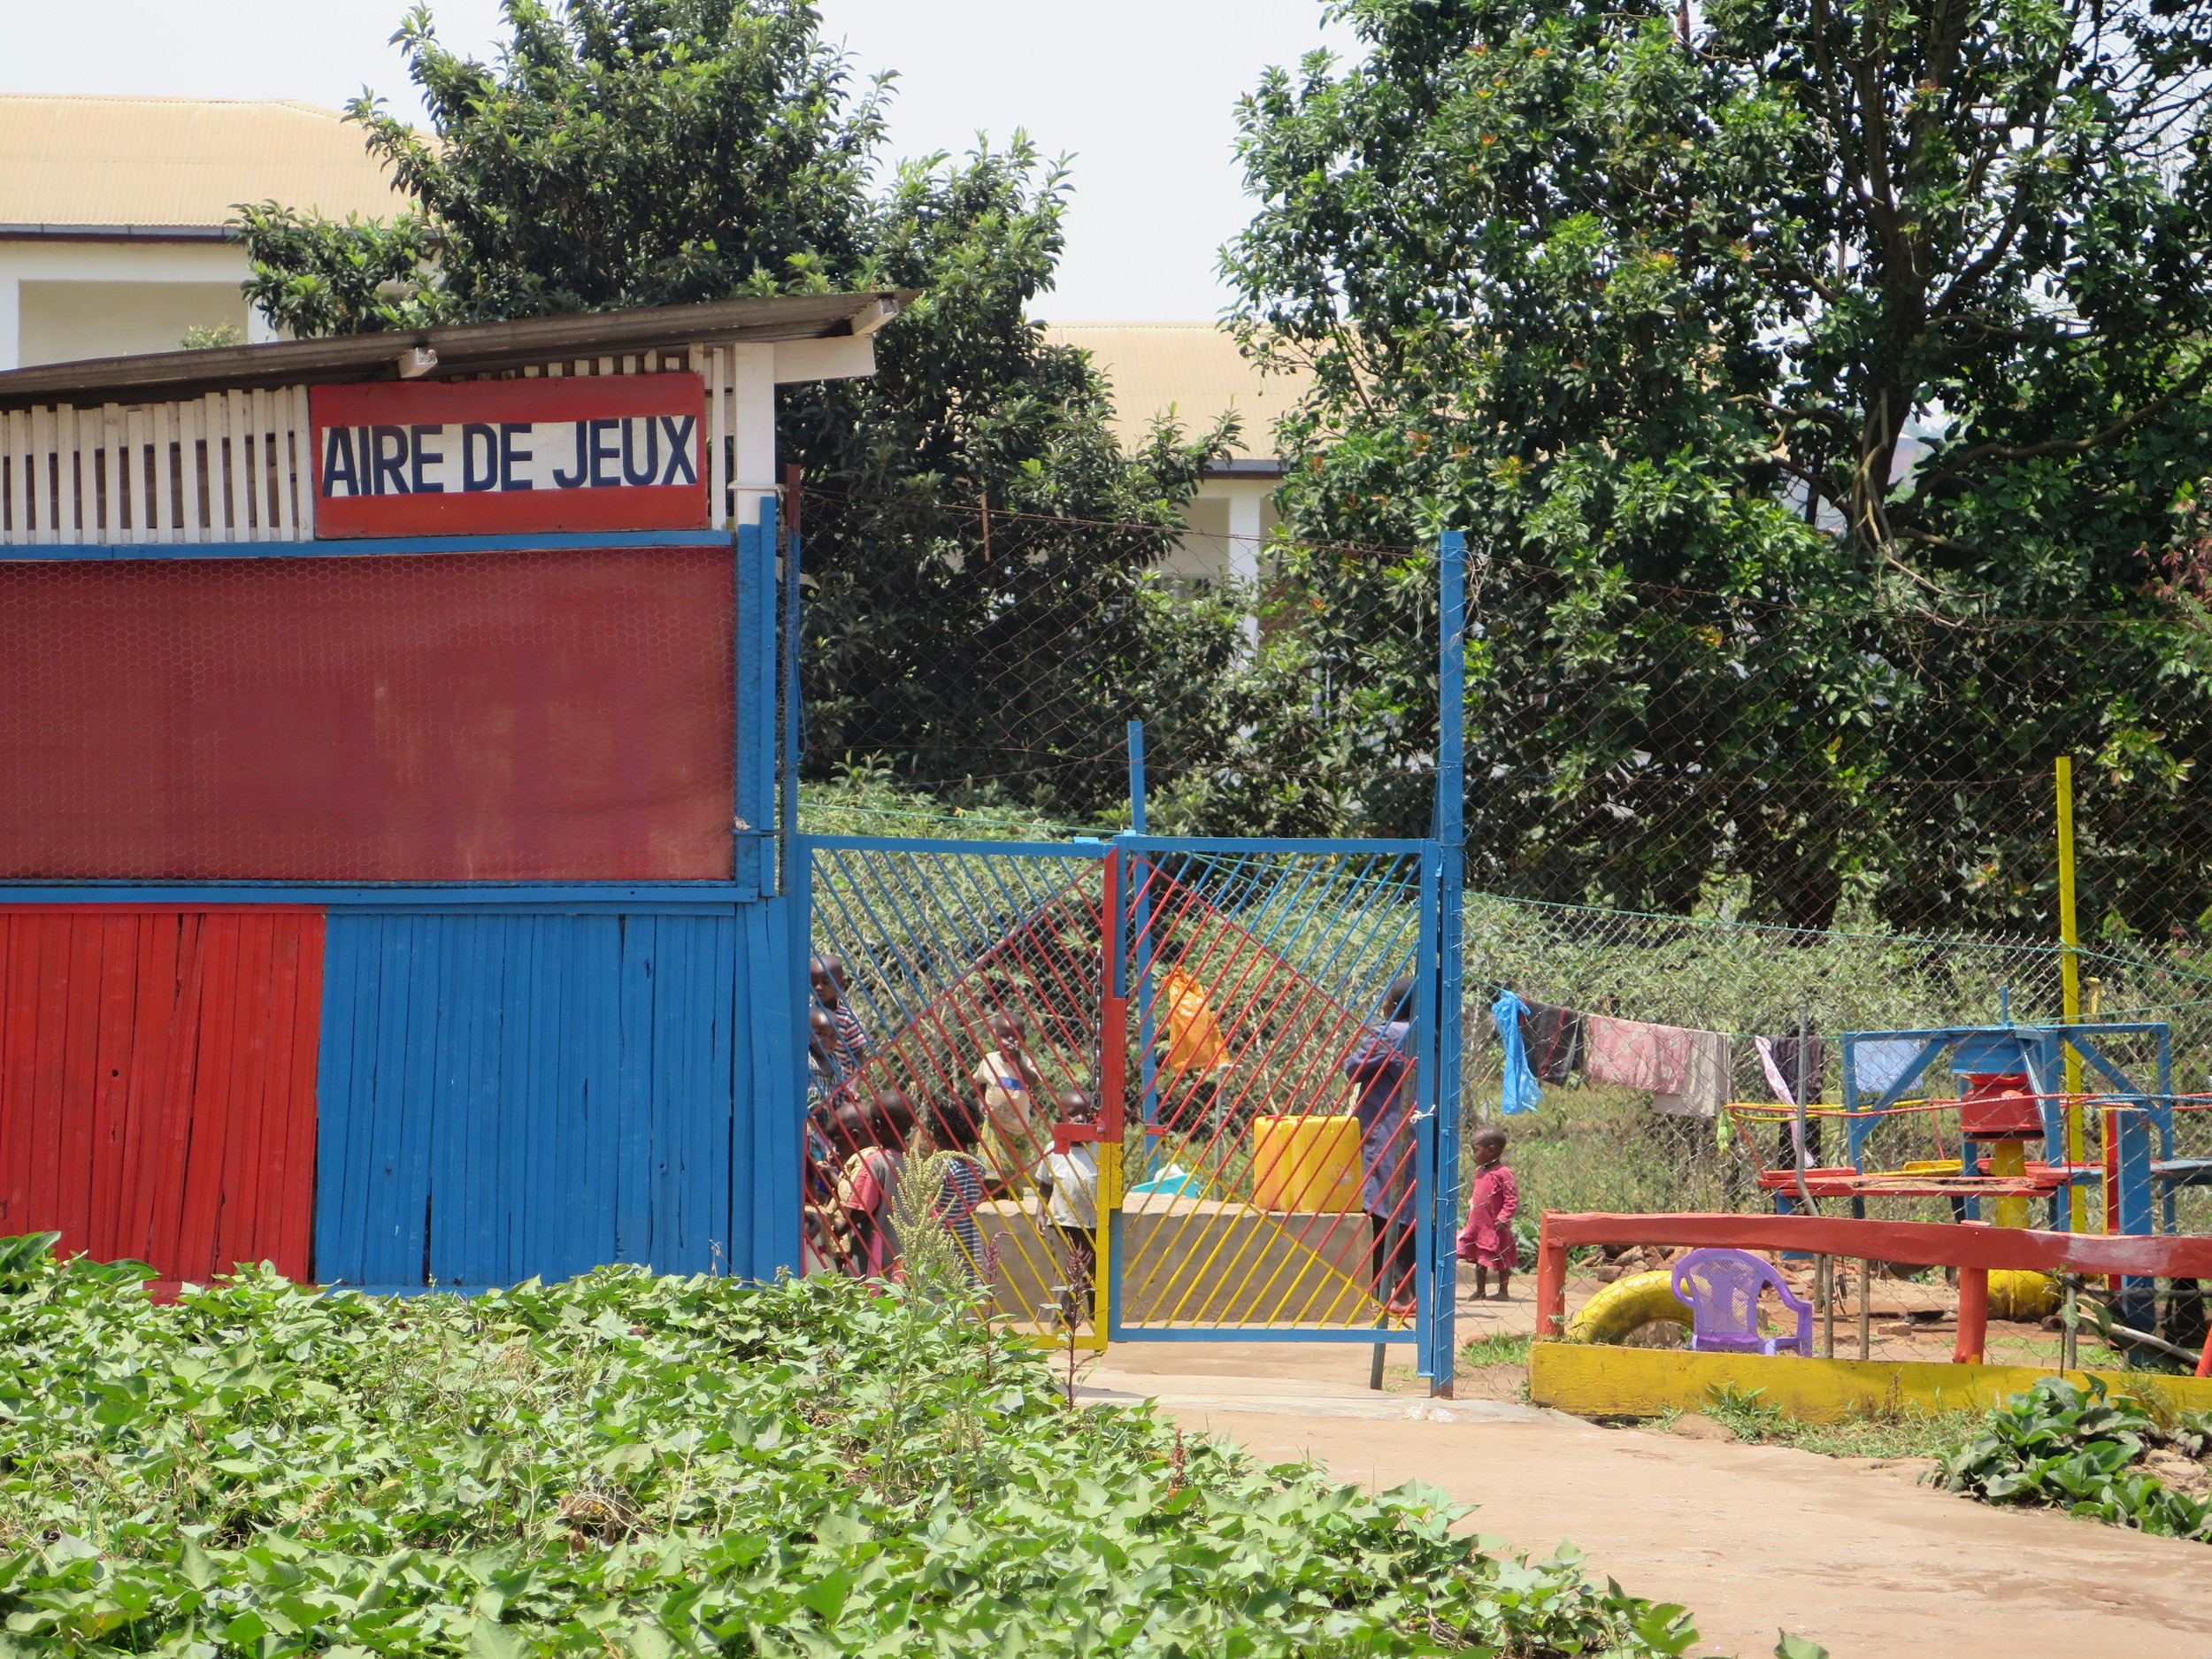 Aire de Jeux Daycare Center